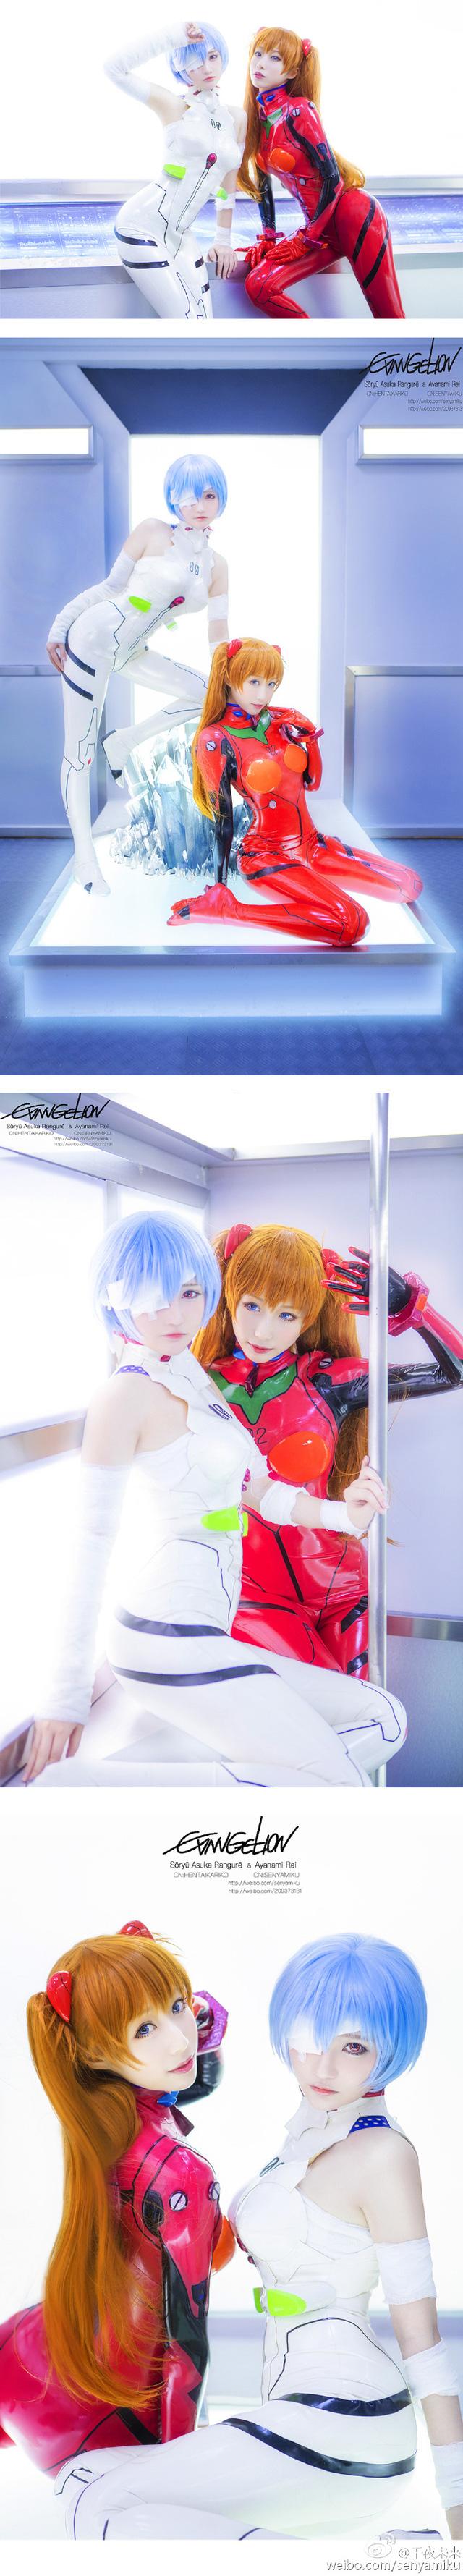 Bất ngờ với bộ ảnh cosplay tuyệt đẹp của 2 kiều nữ Evangelion